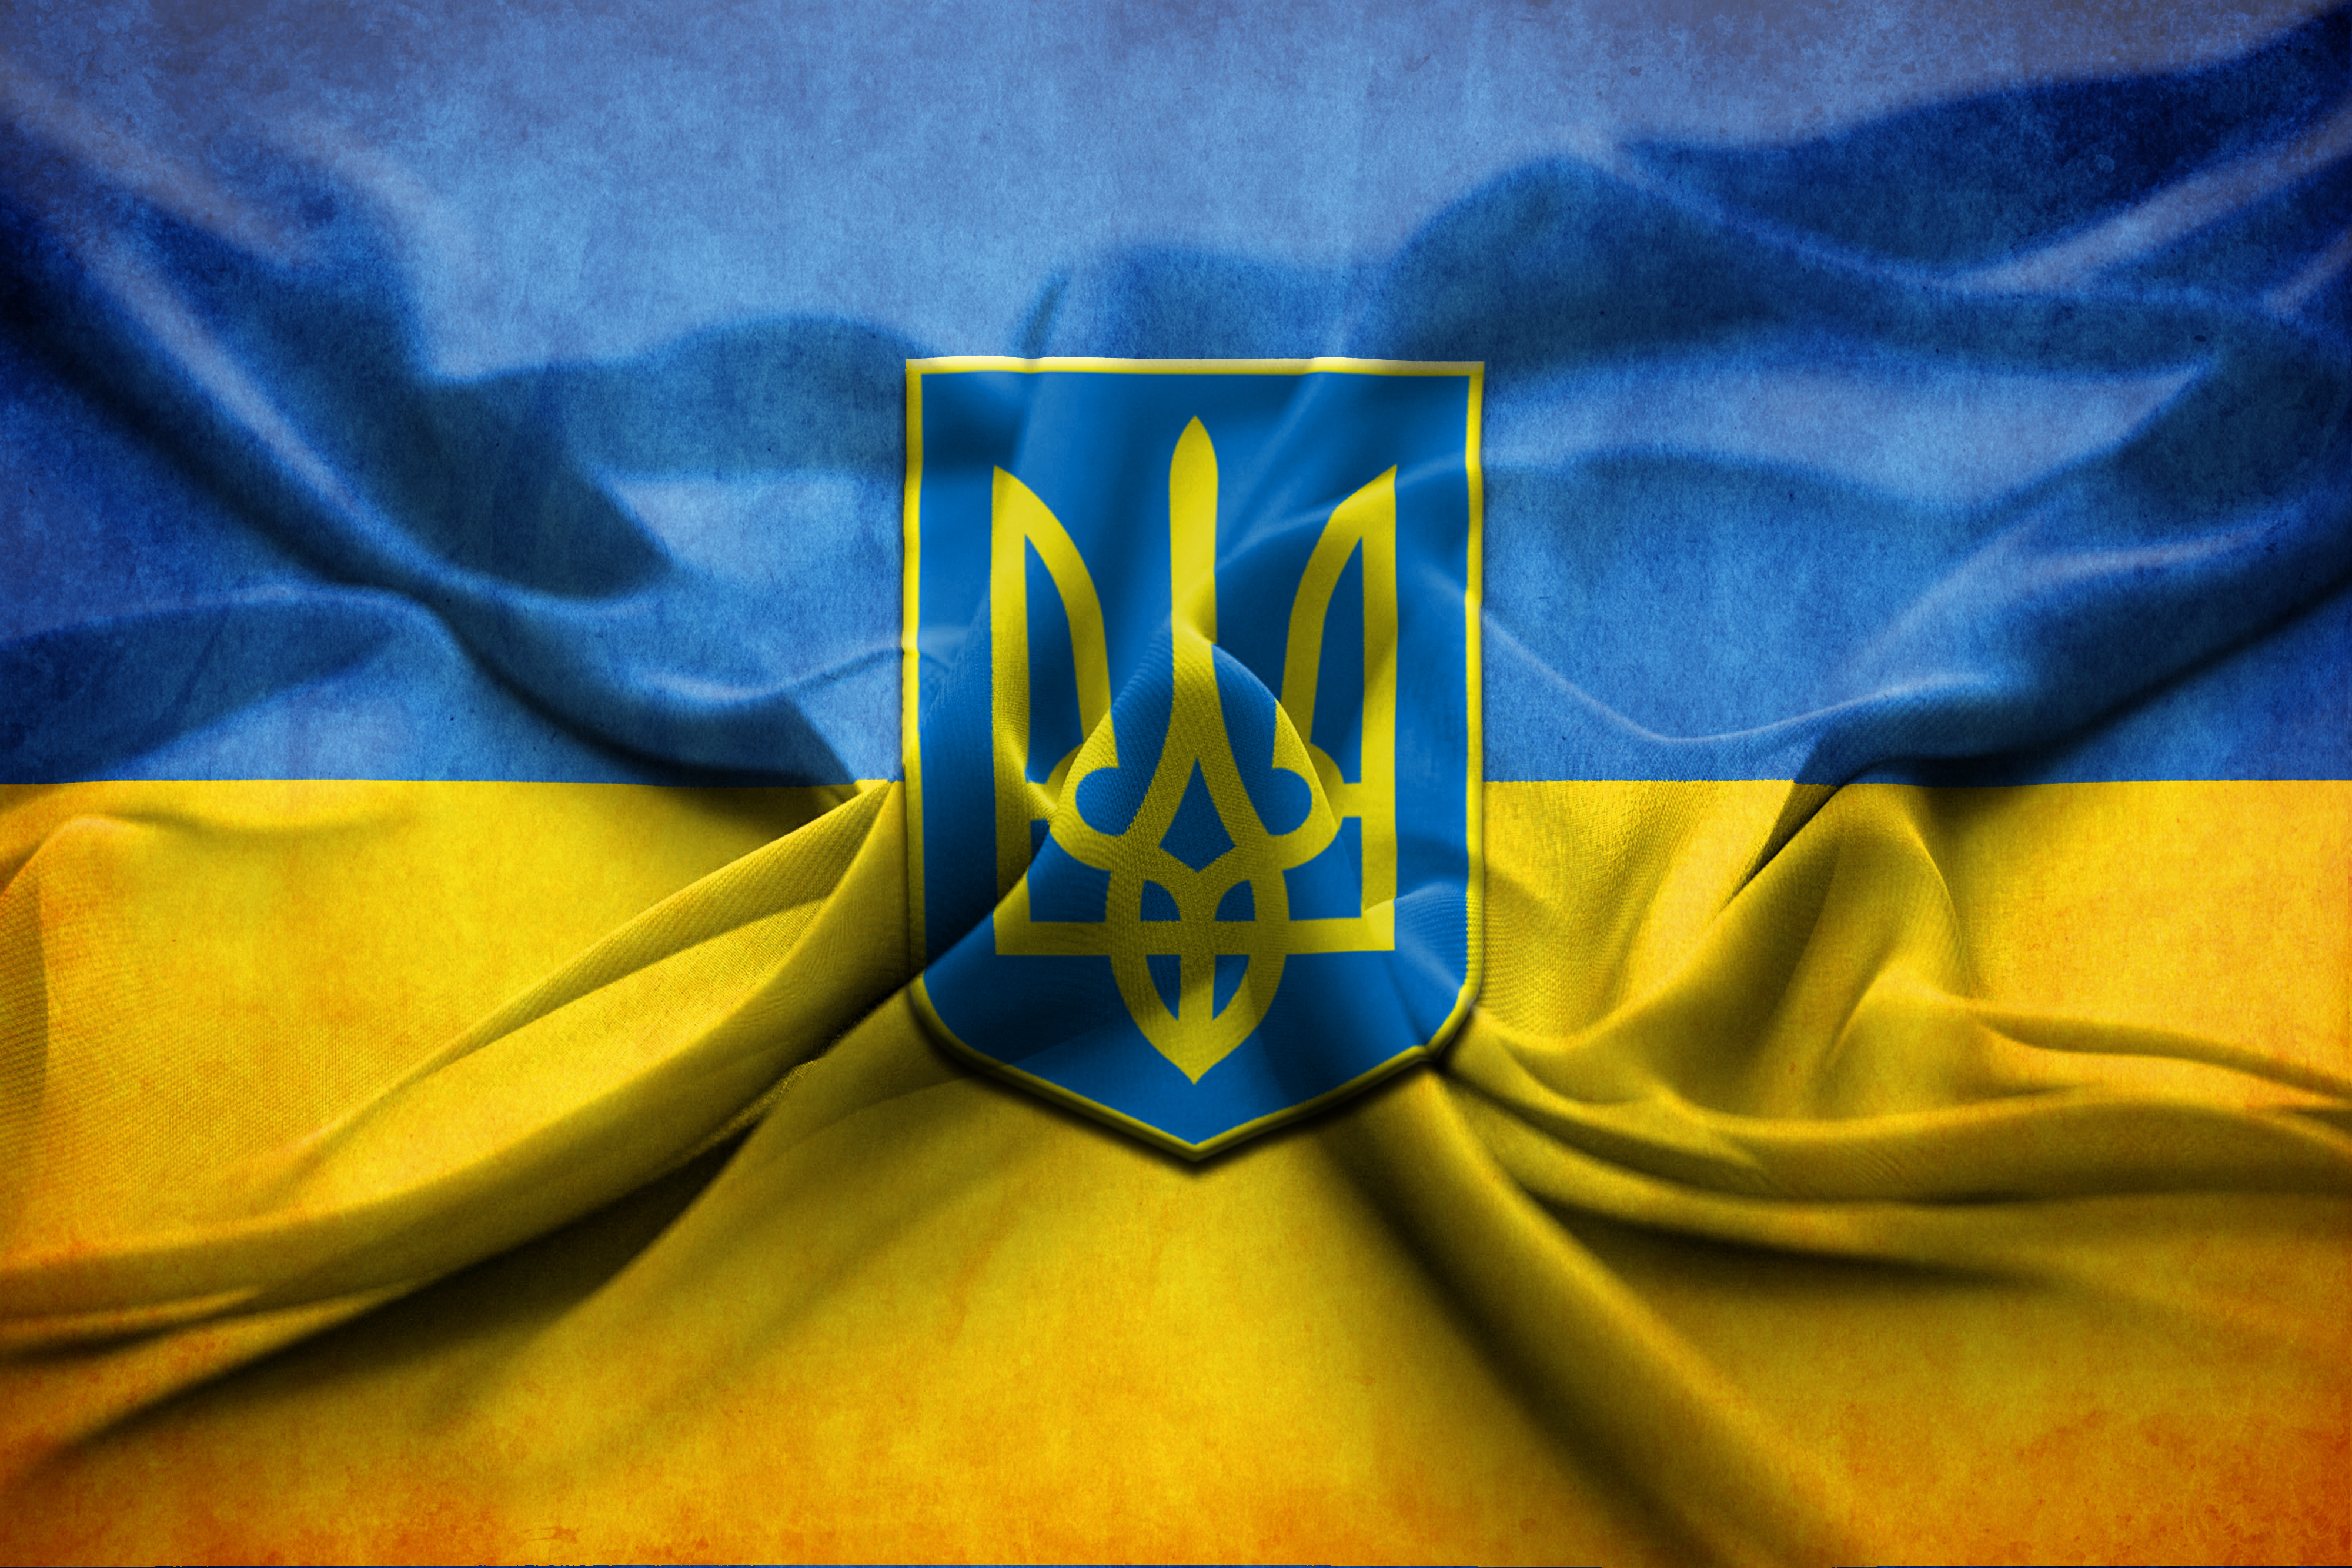 Украина впервые официально заявила об оккупации территорий Донбасса Российской Федерацией